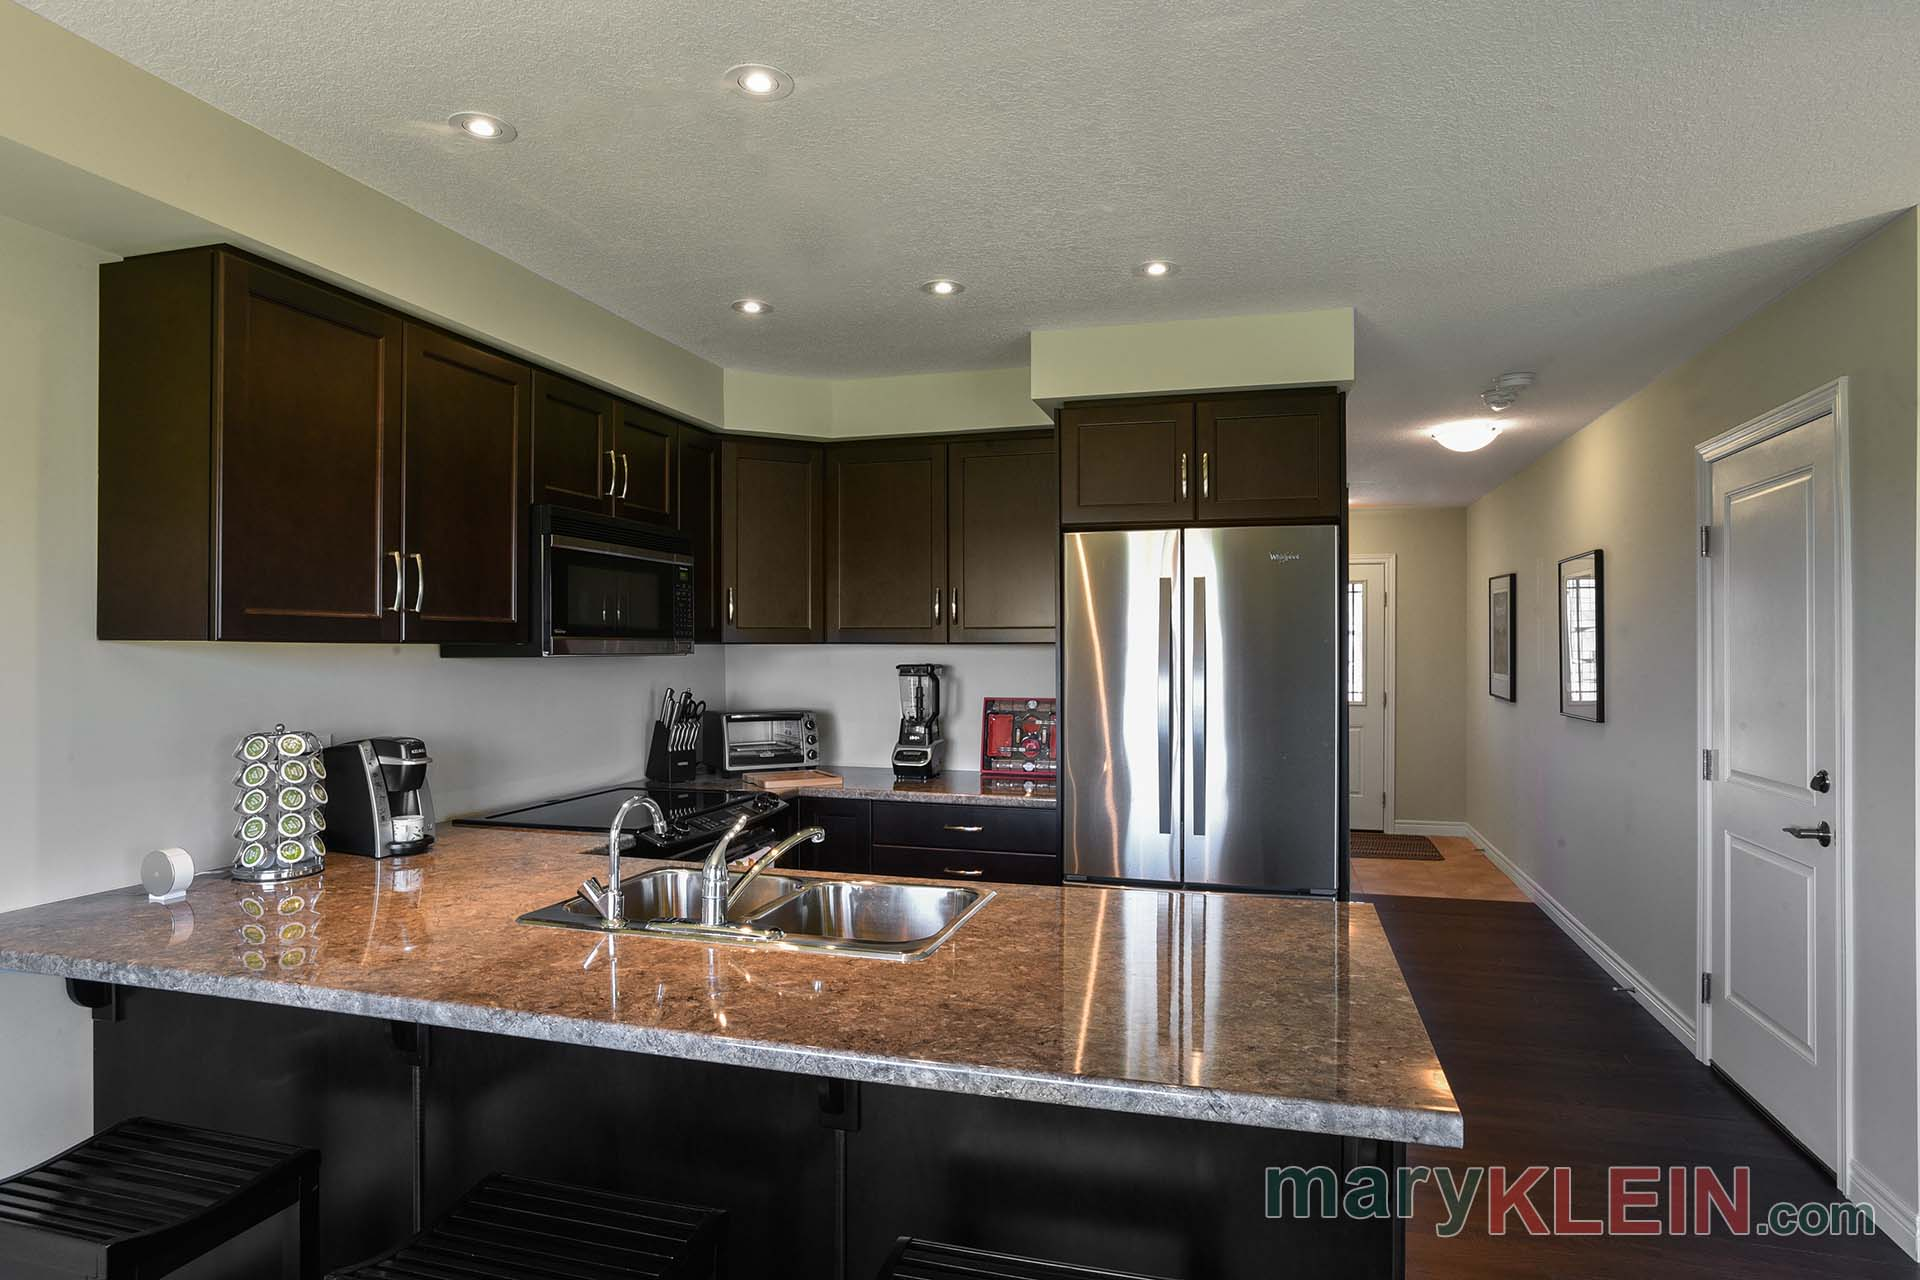 Kitchen, Pot Lights, breakfast stools